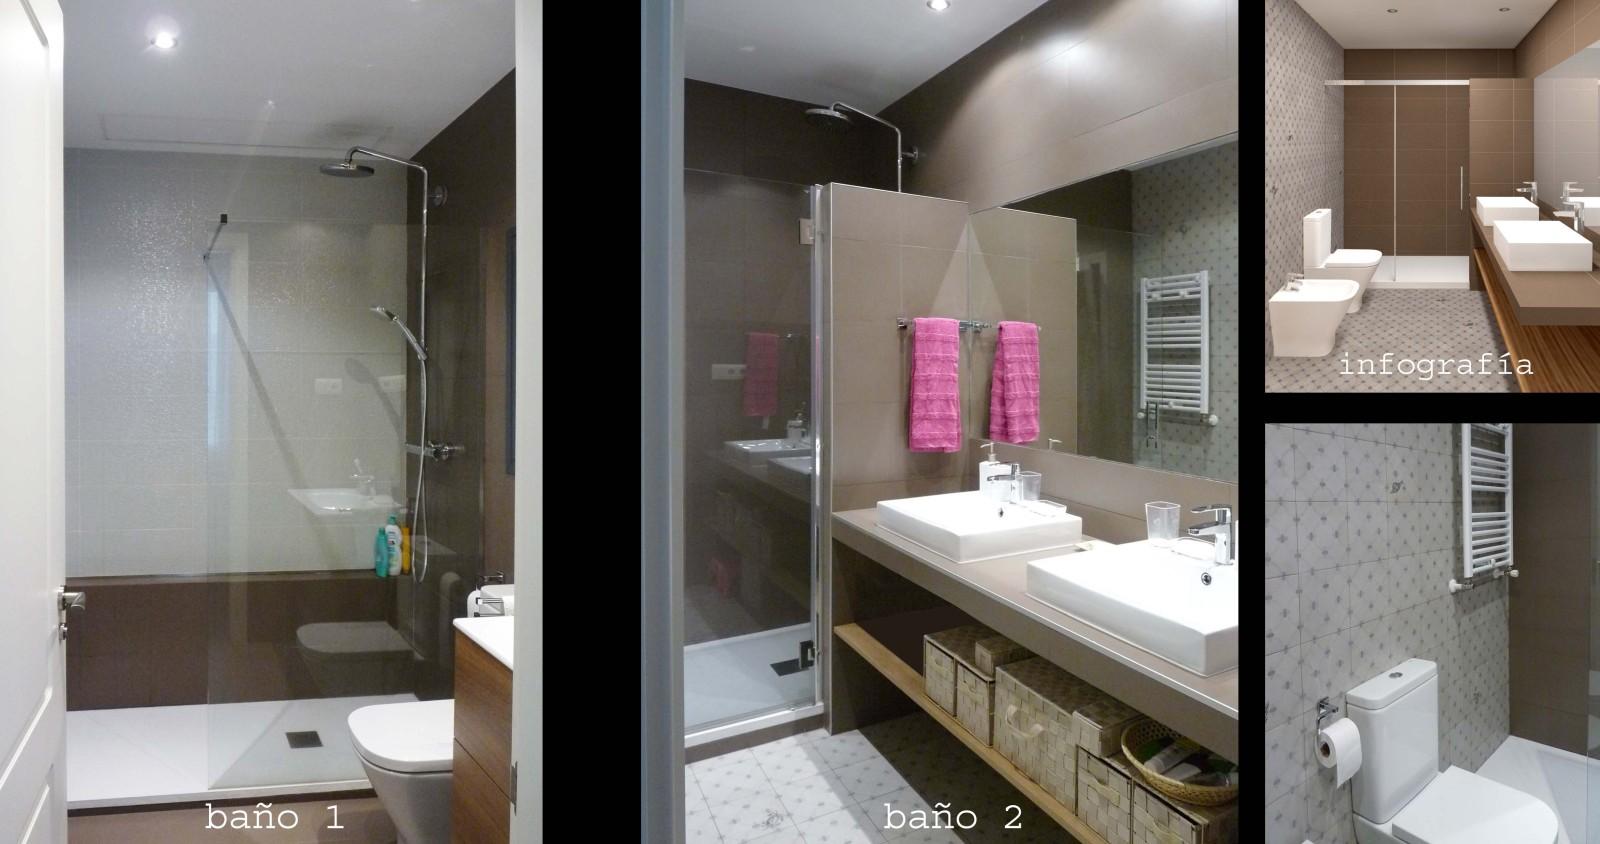 Al usar la misma baldosa en la cocina y los baños se consigue que la decoración tenga conexión.